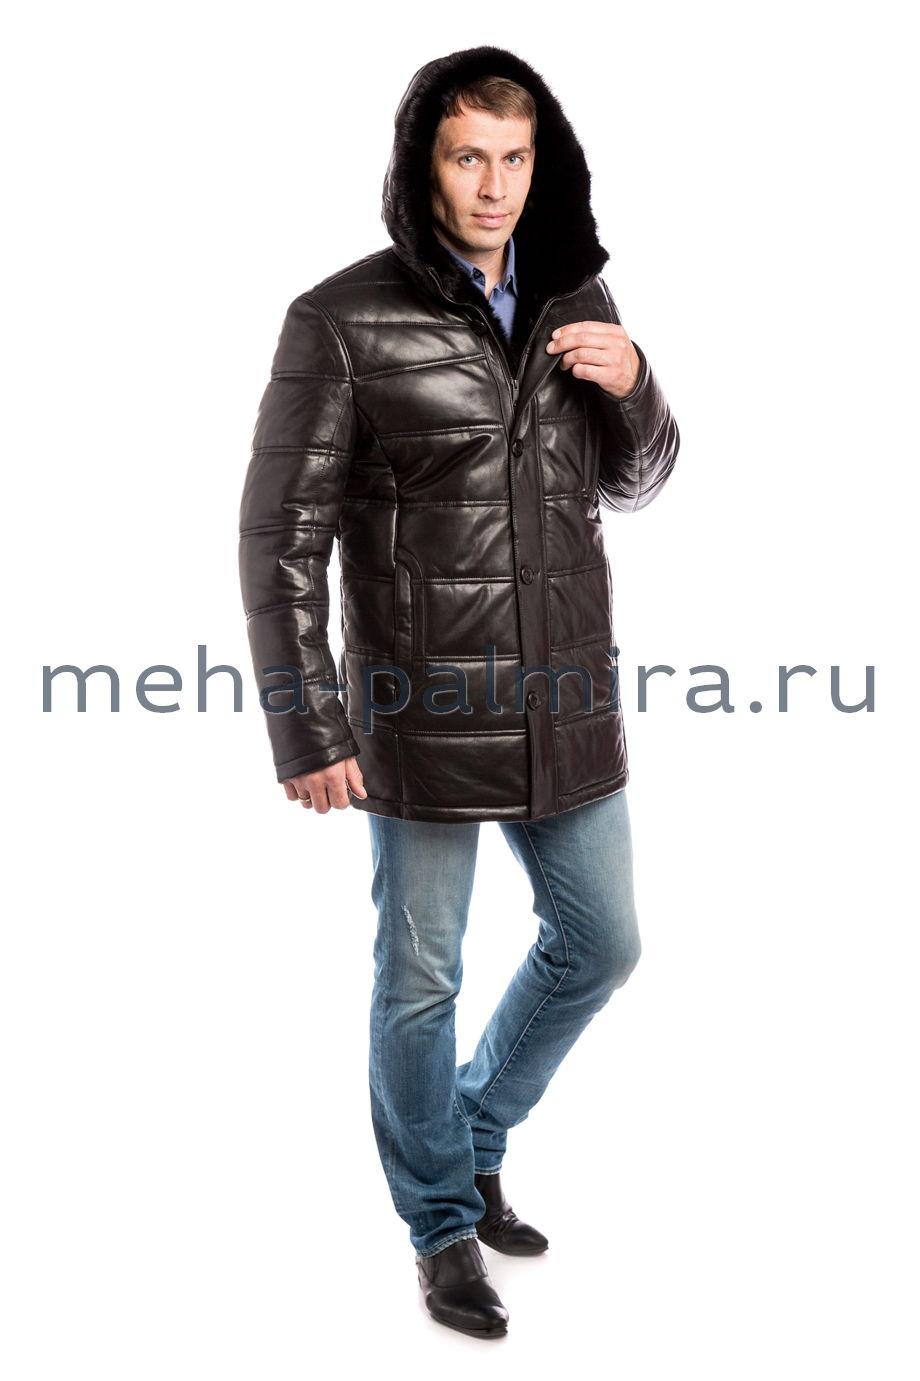 Кожаный мужской пуховик, капюшон с мехом норки